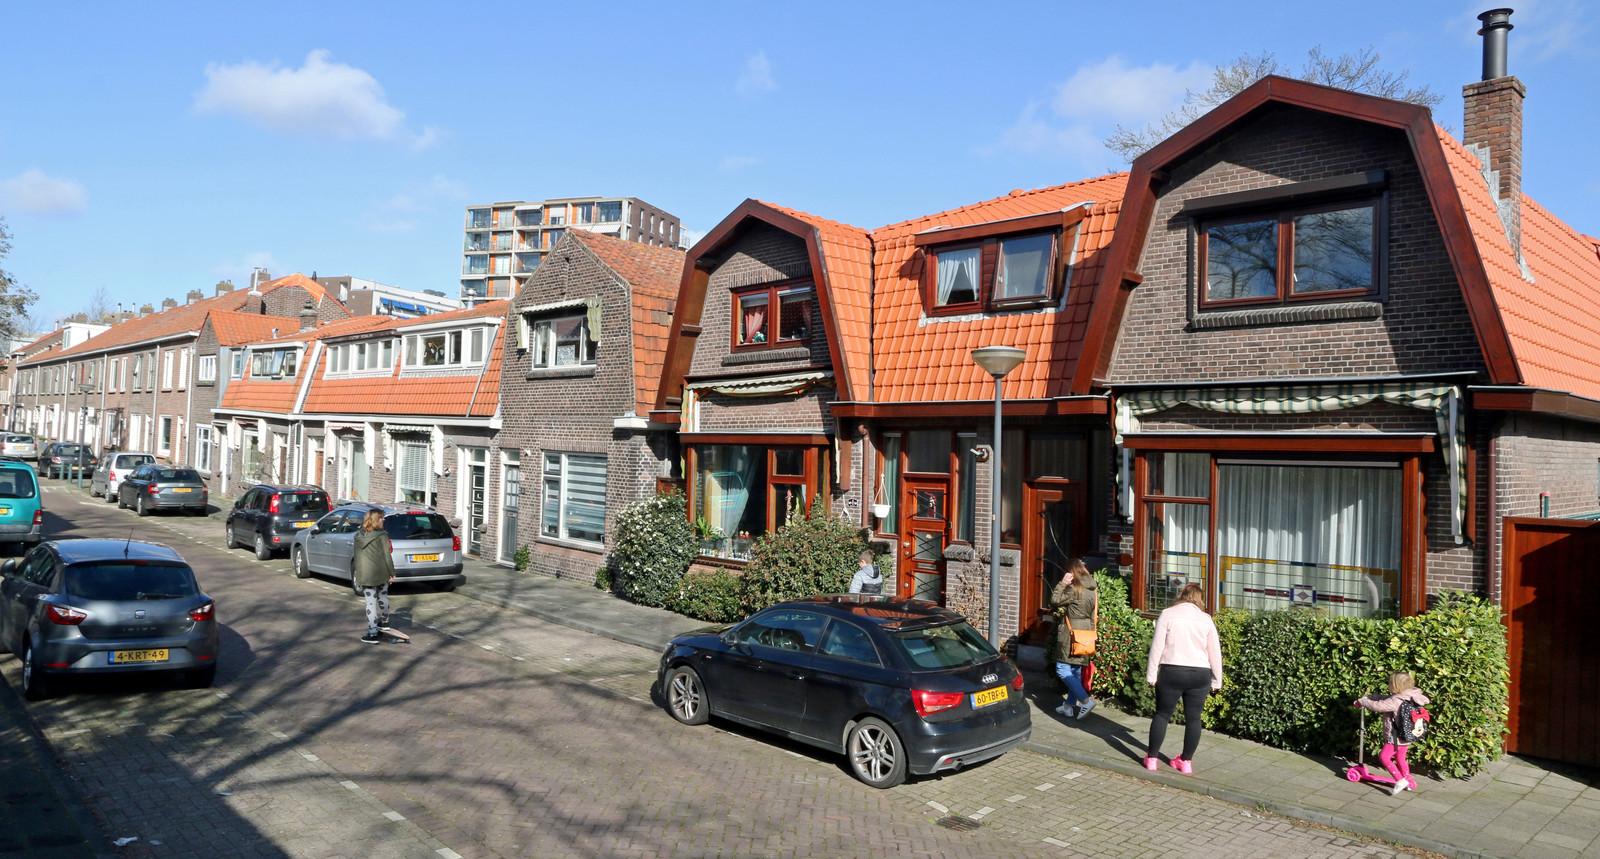 De Groeneweg in het centrum van Vlaardingen, waar Kees van der Staaij, lijsttrekker van de SGP, werd geboren en opgroeide.